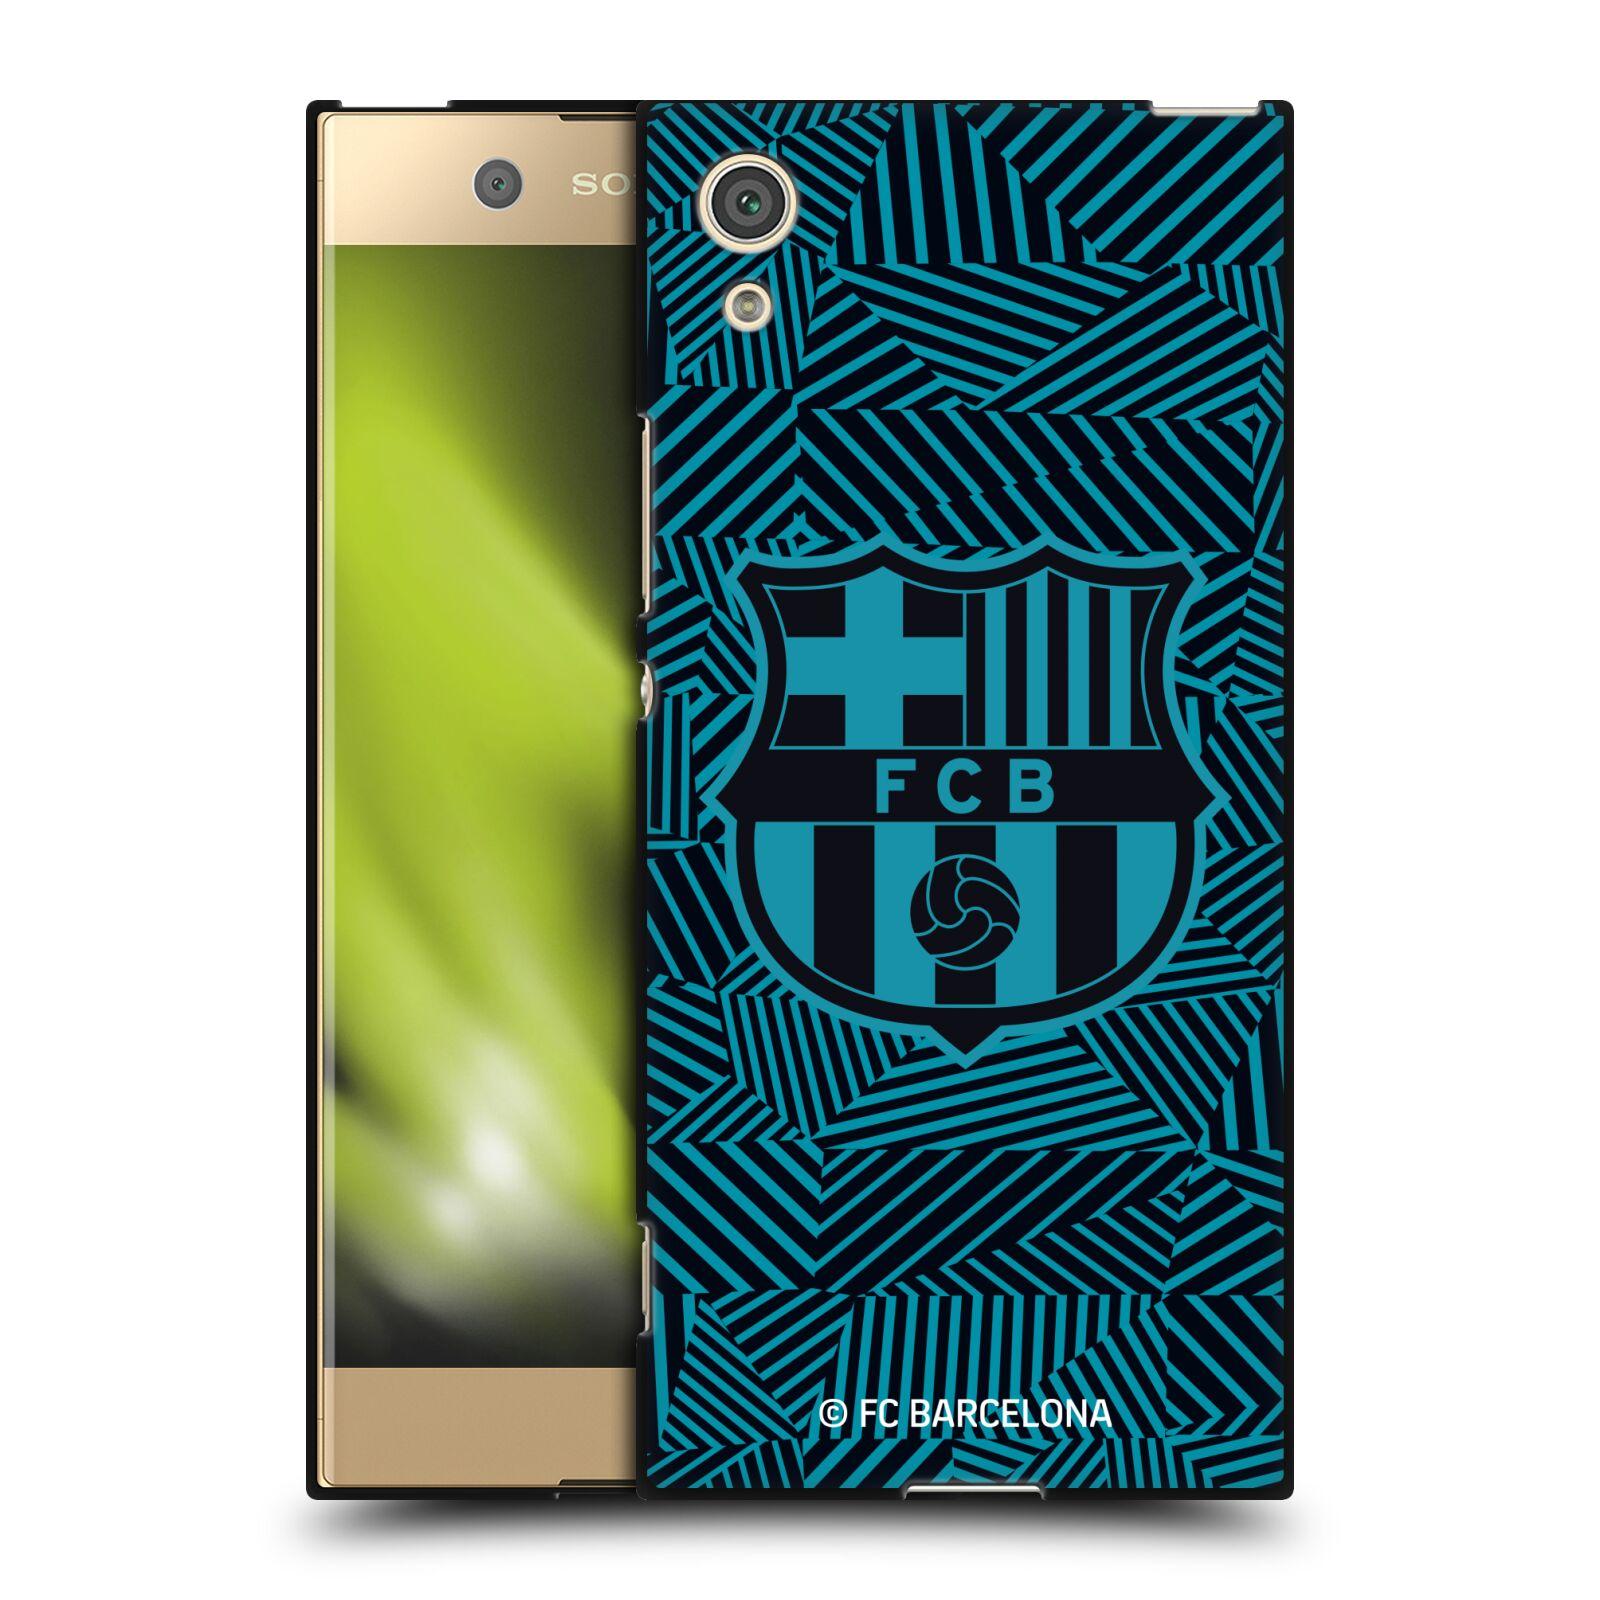 OFFICIAL-FC-BARCELONA-2017-18-CREST-BLACK-SOFT-GEL-CASE-FOR-SONY-PHONES